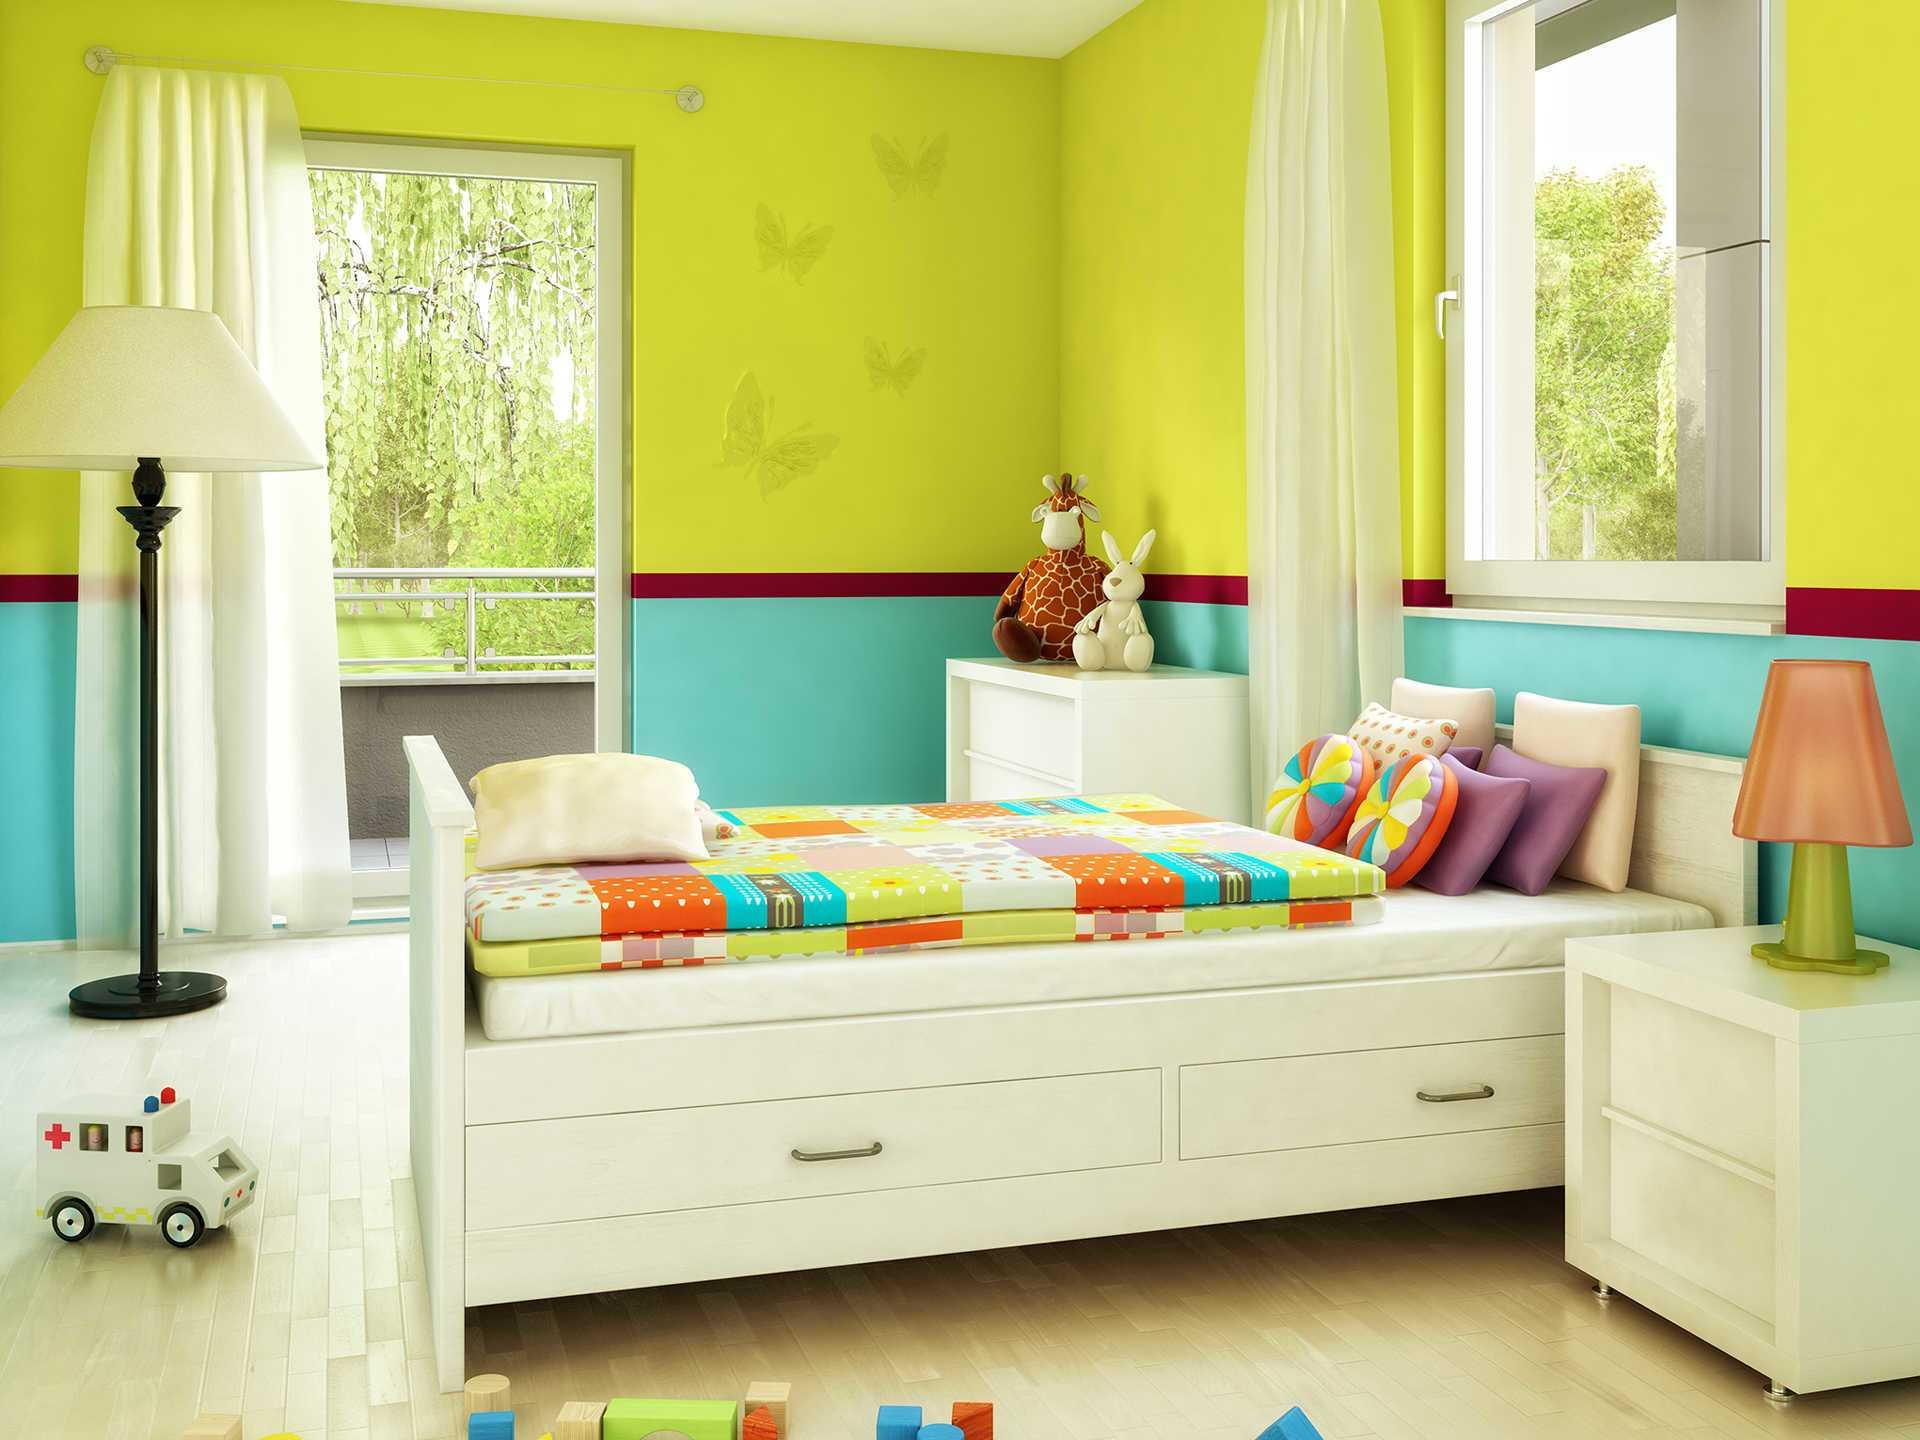 Bien-Zenker Evolution 116 V2 Einfamilienhaus Kinderzimmer